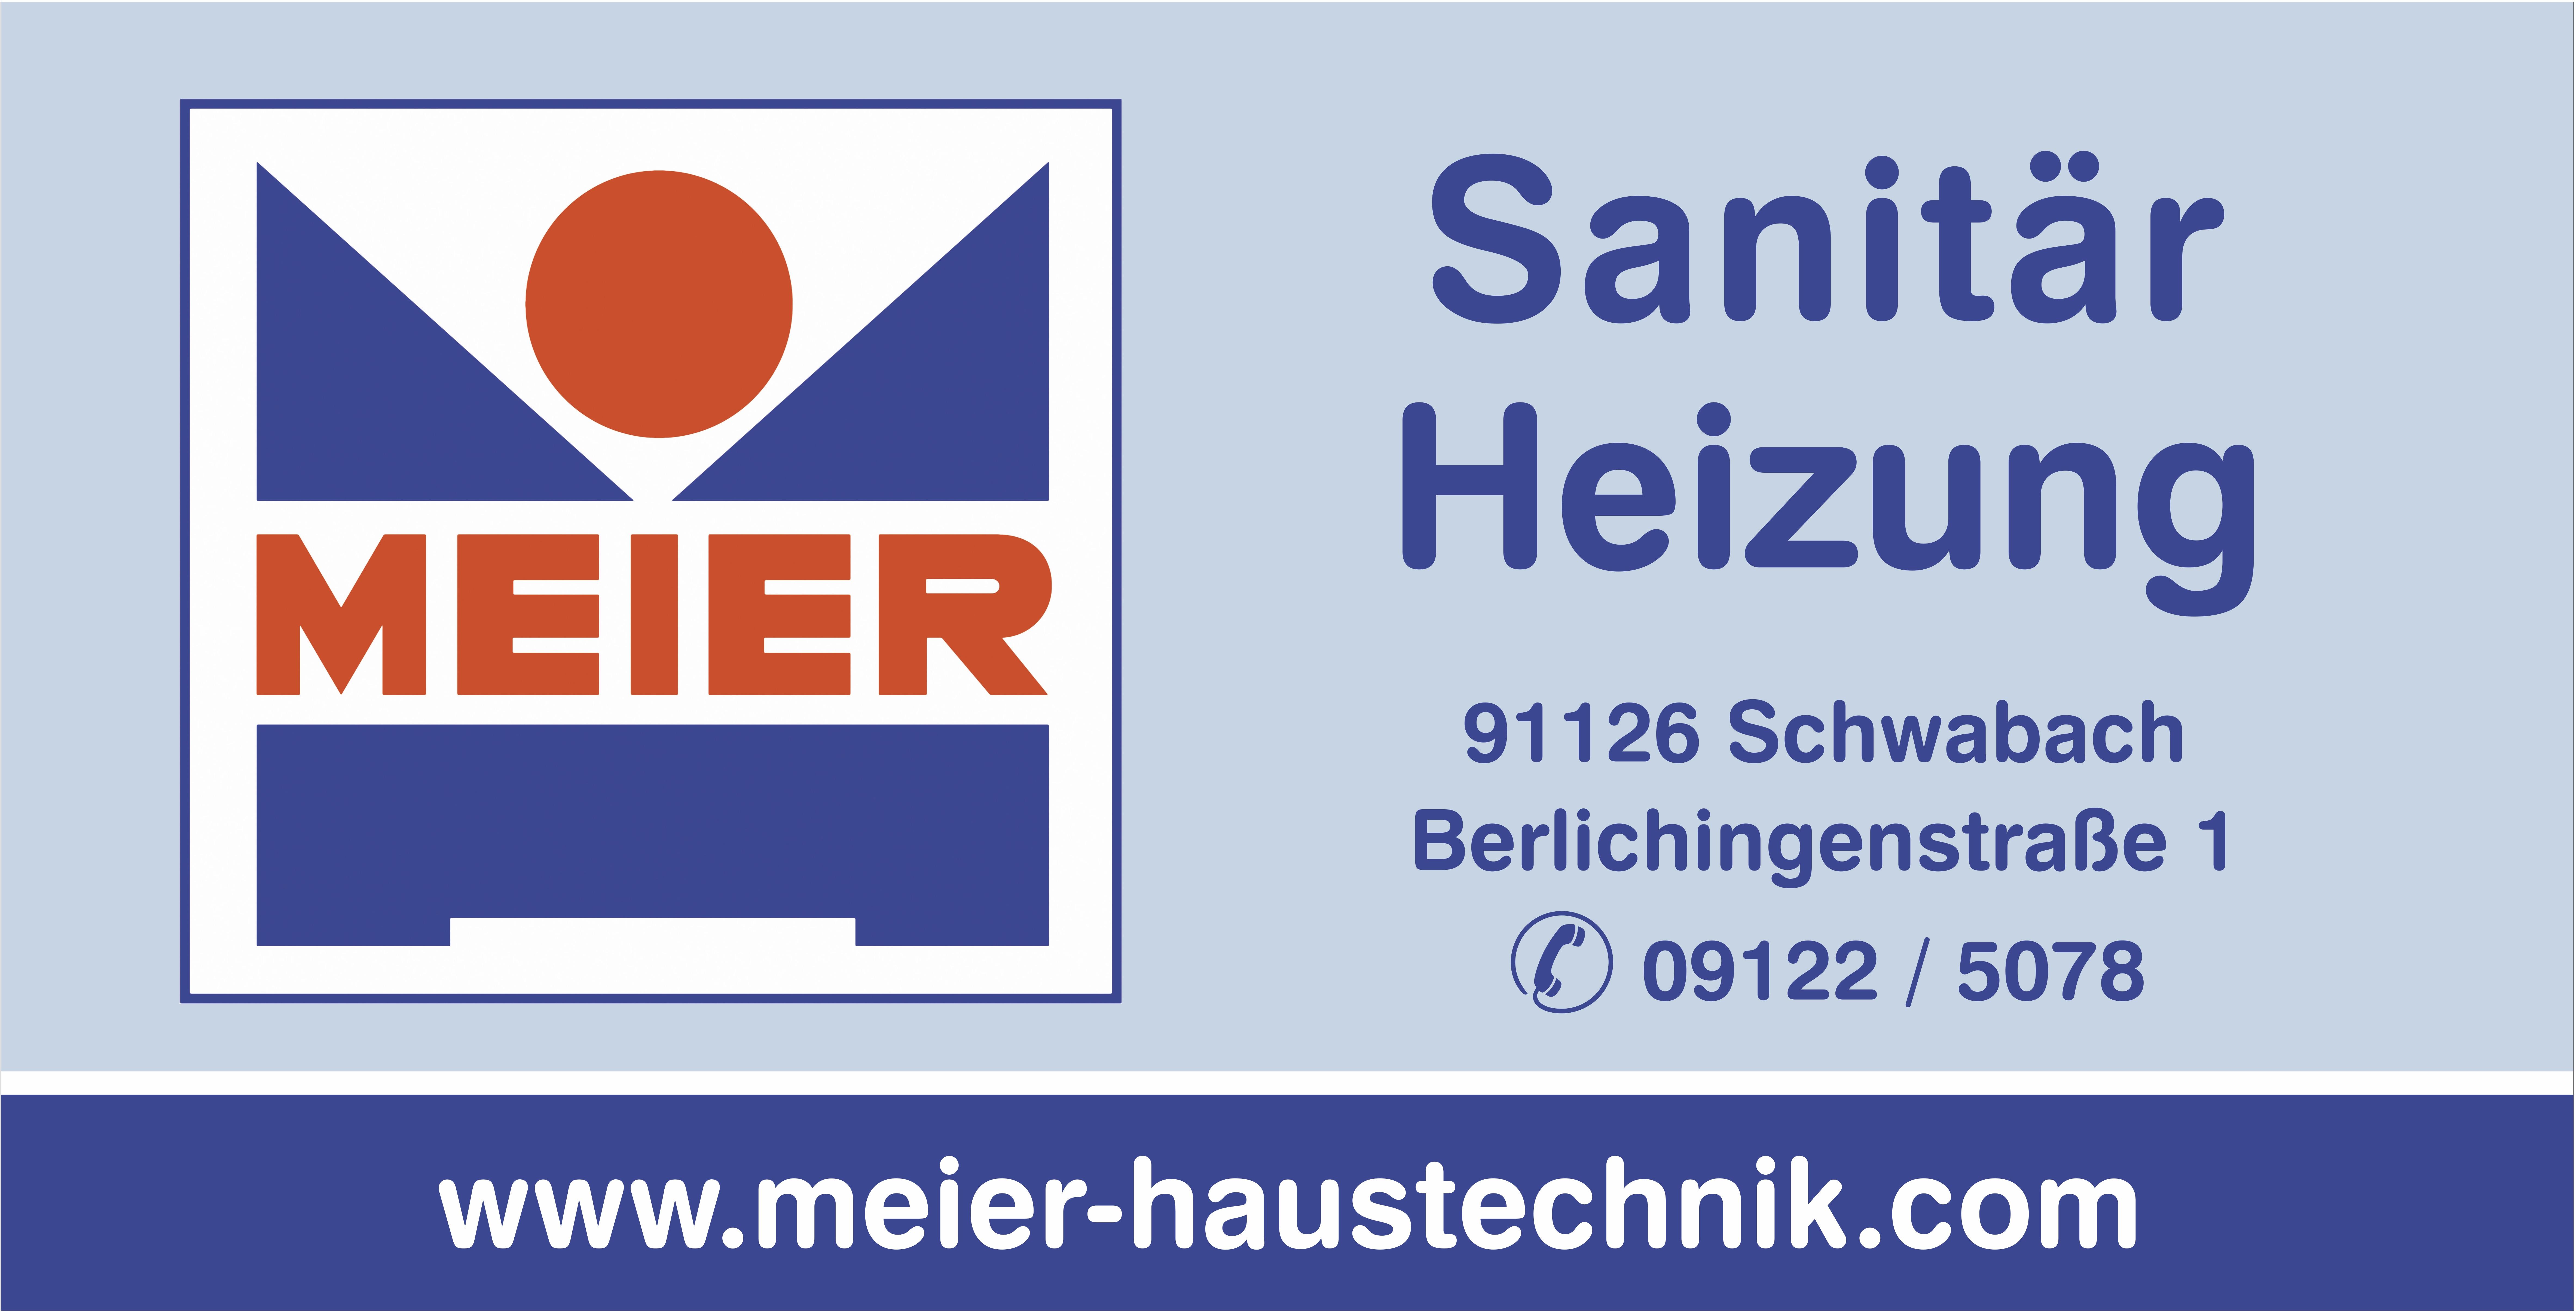 Fritz Meier Haustechnik